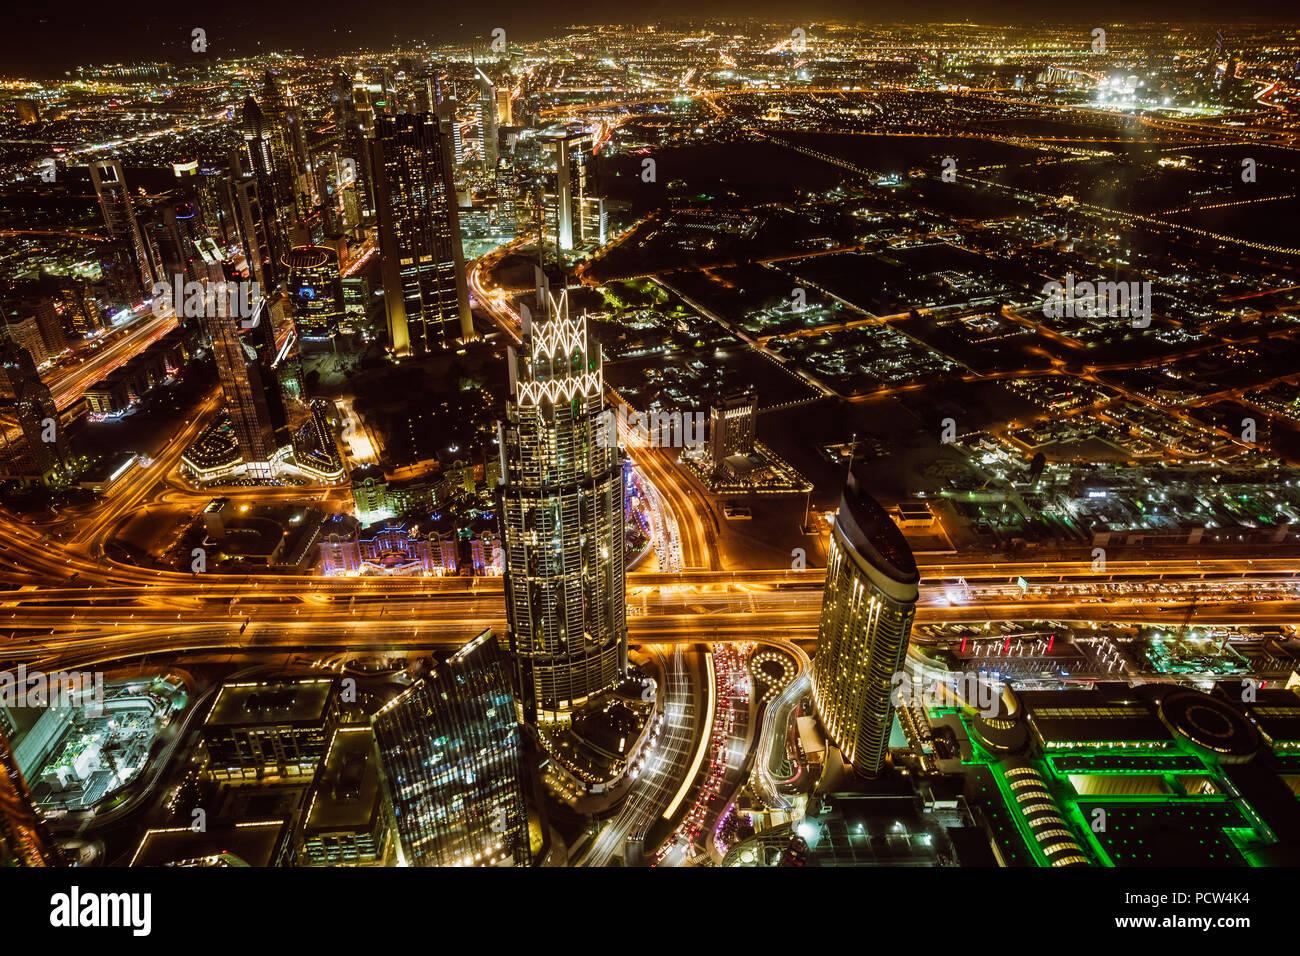 Vista aerea del centro cittadino di Dubai e grattacieli di notte dalla sommità del Burj Khalifa Immagini Stock